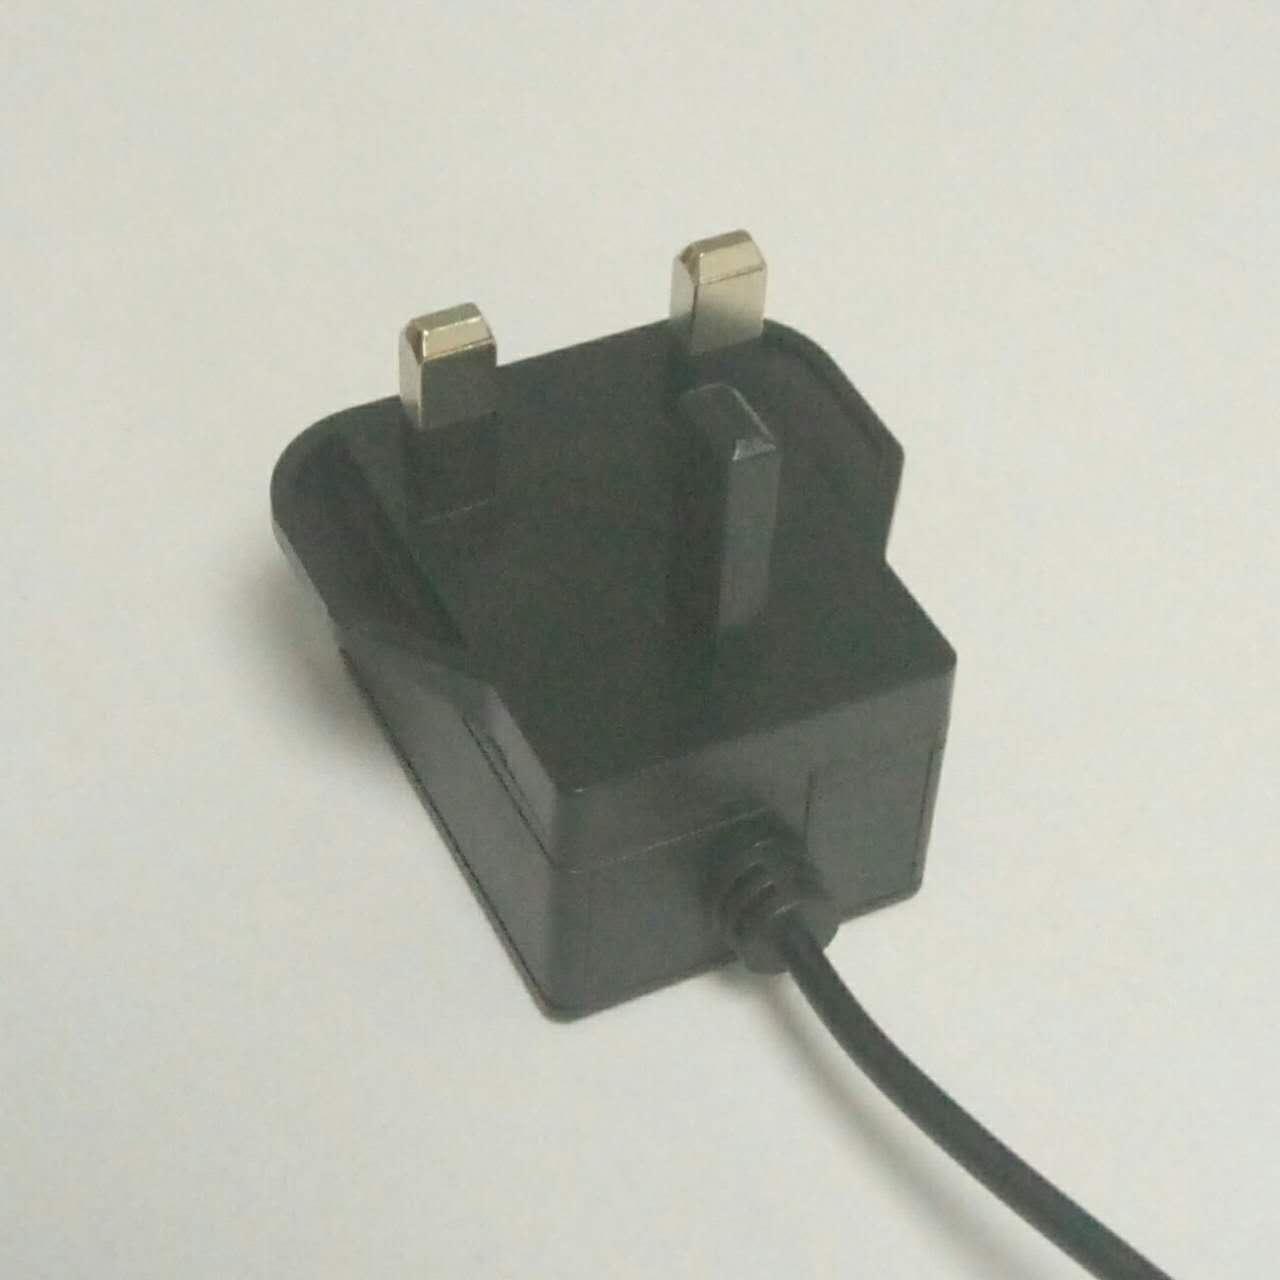 销售5W英国开关电源适配器 9